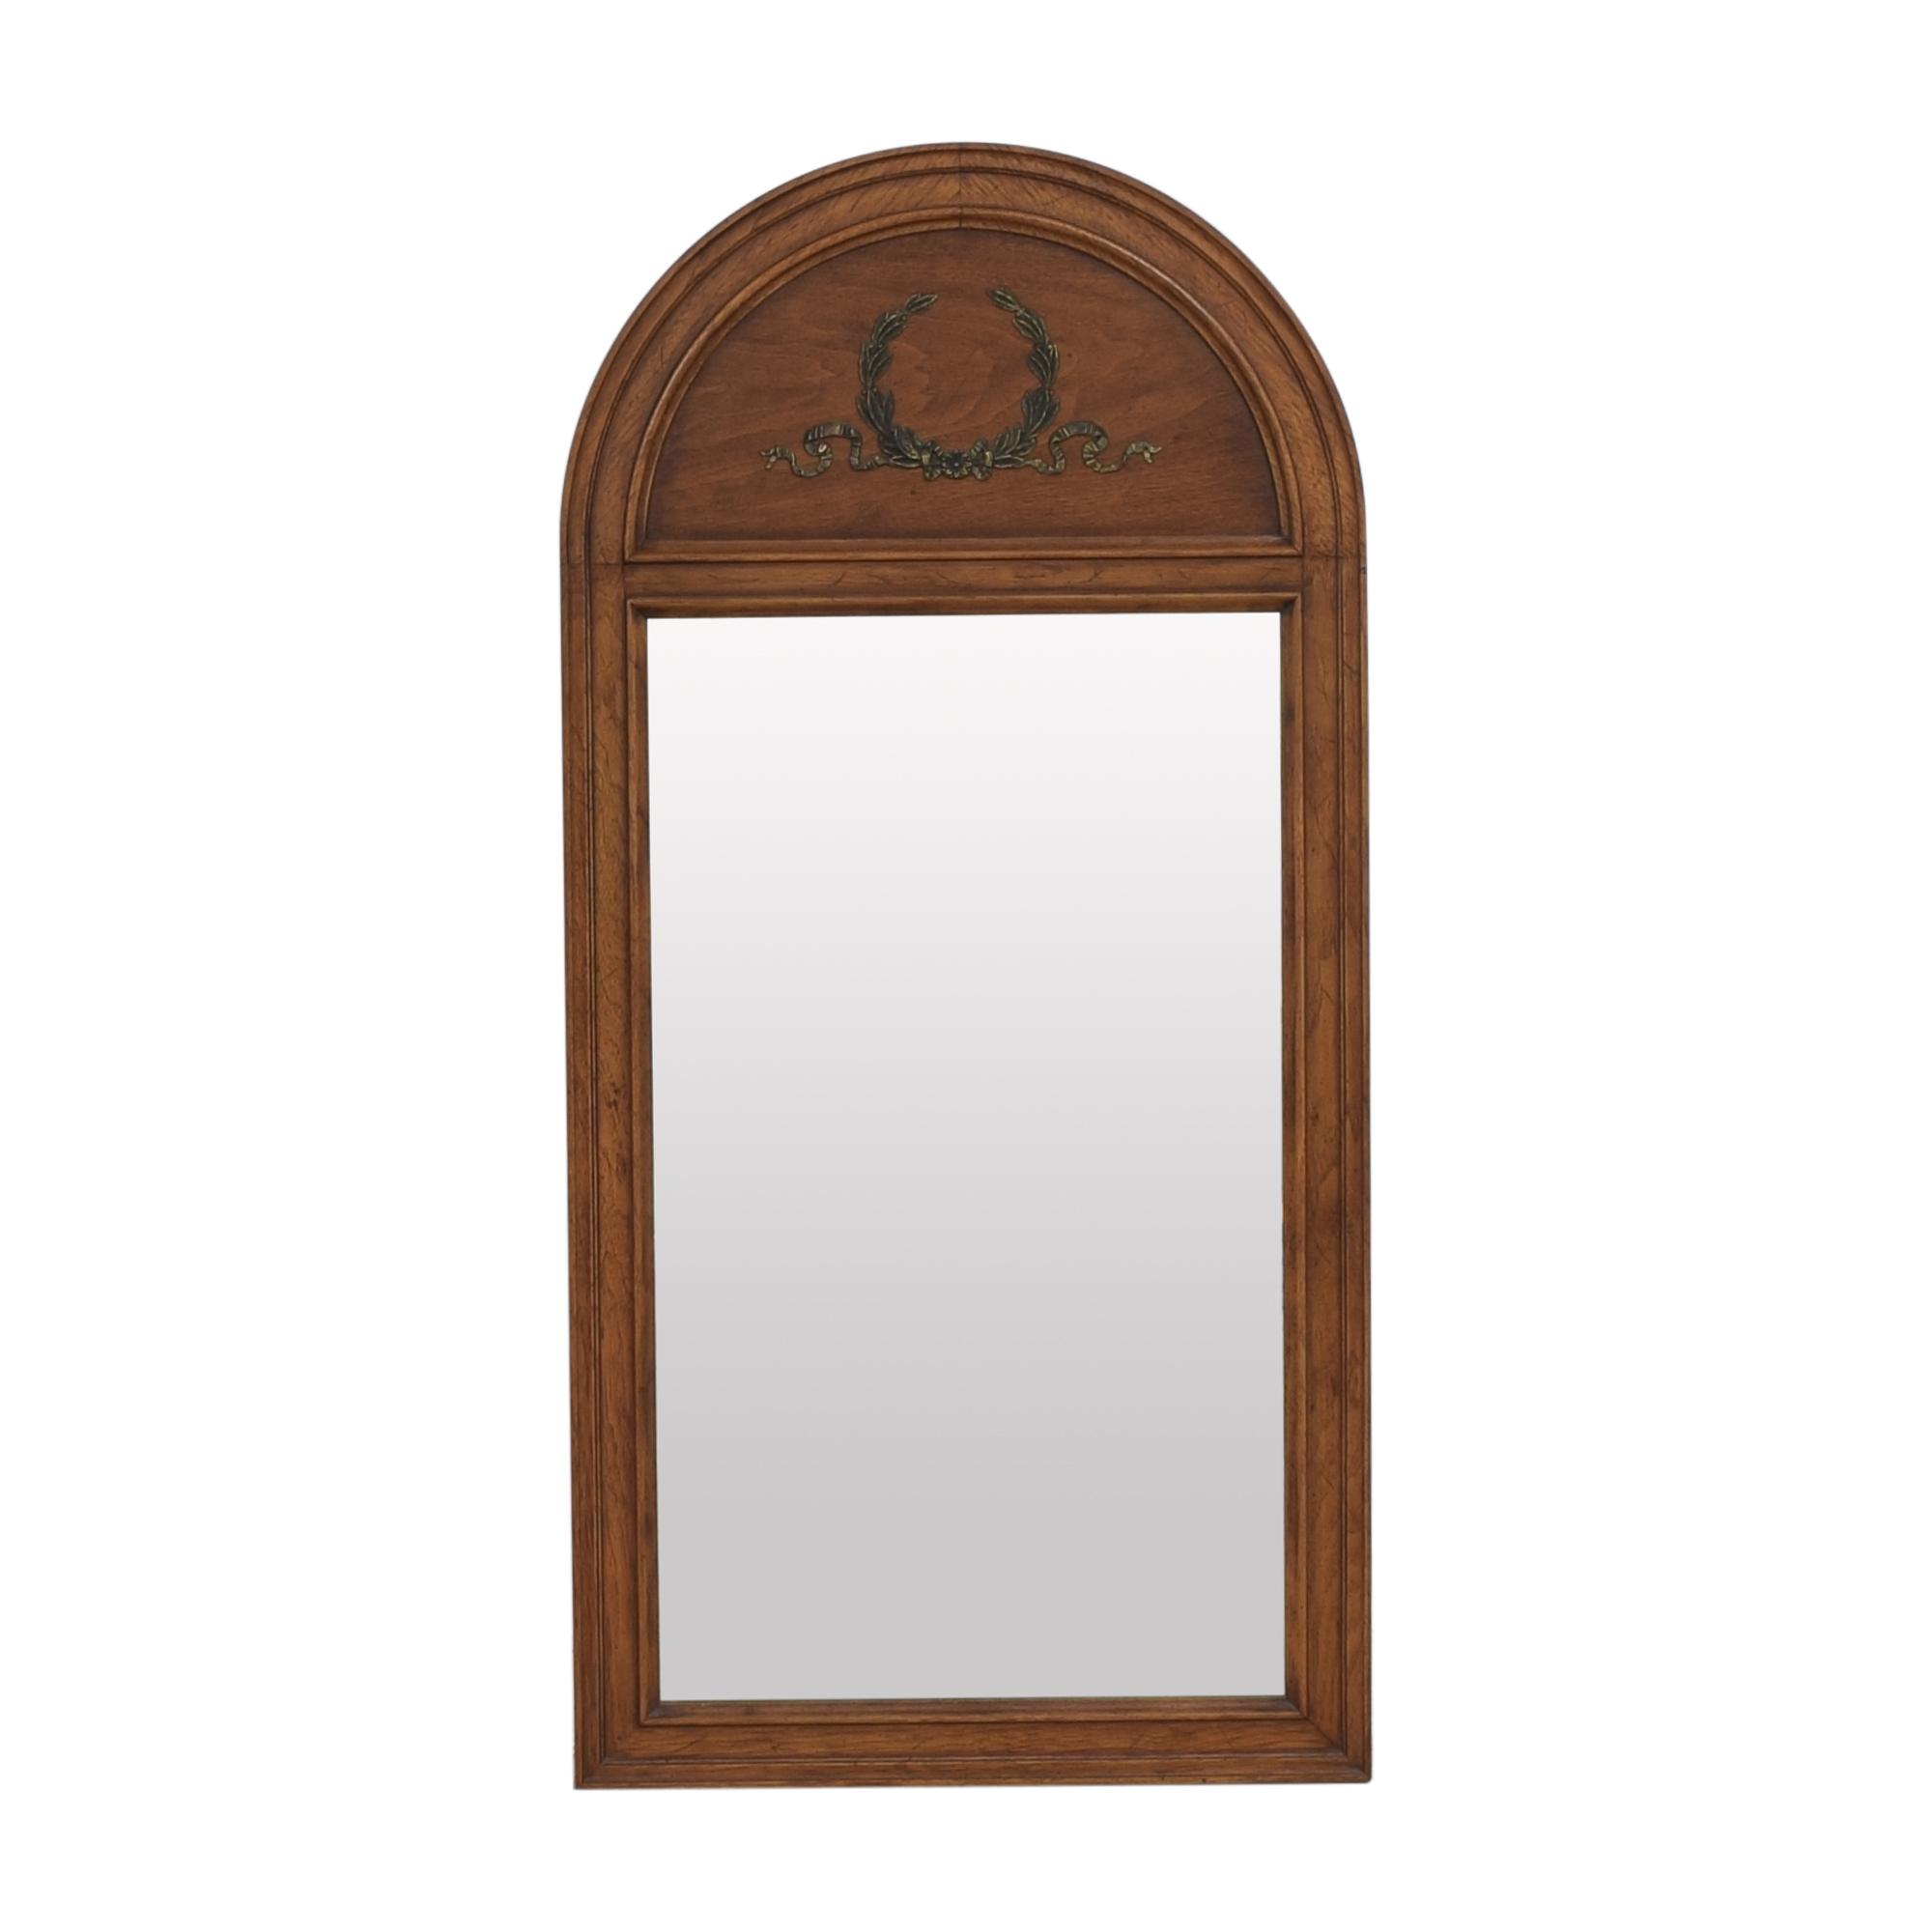 Henredon Furniture Henredon Furniture Arch Wall Mirror Decor